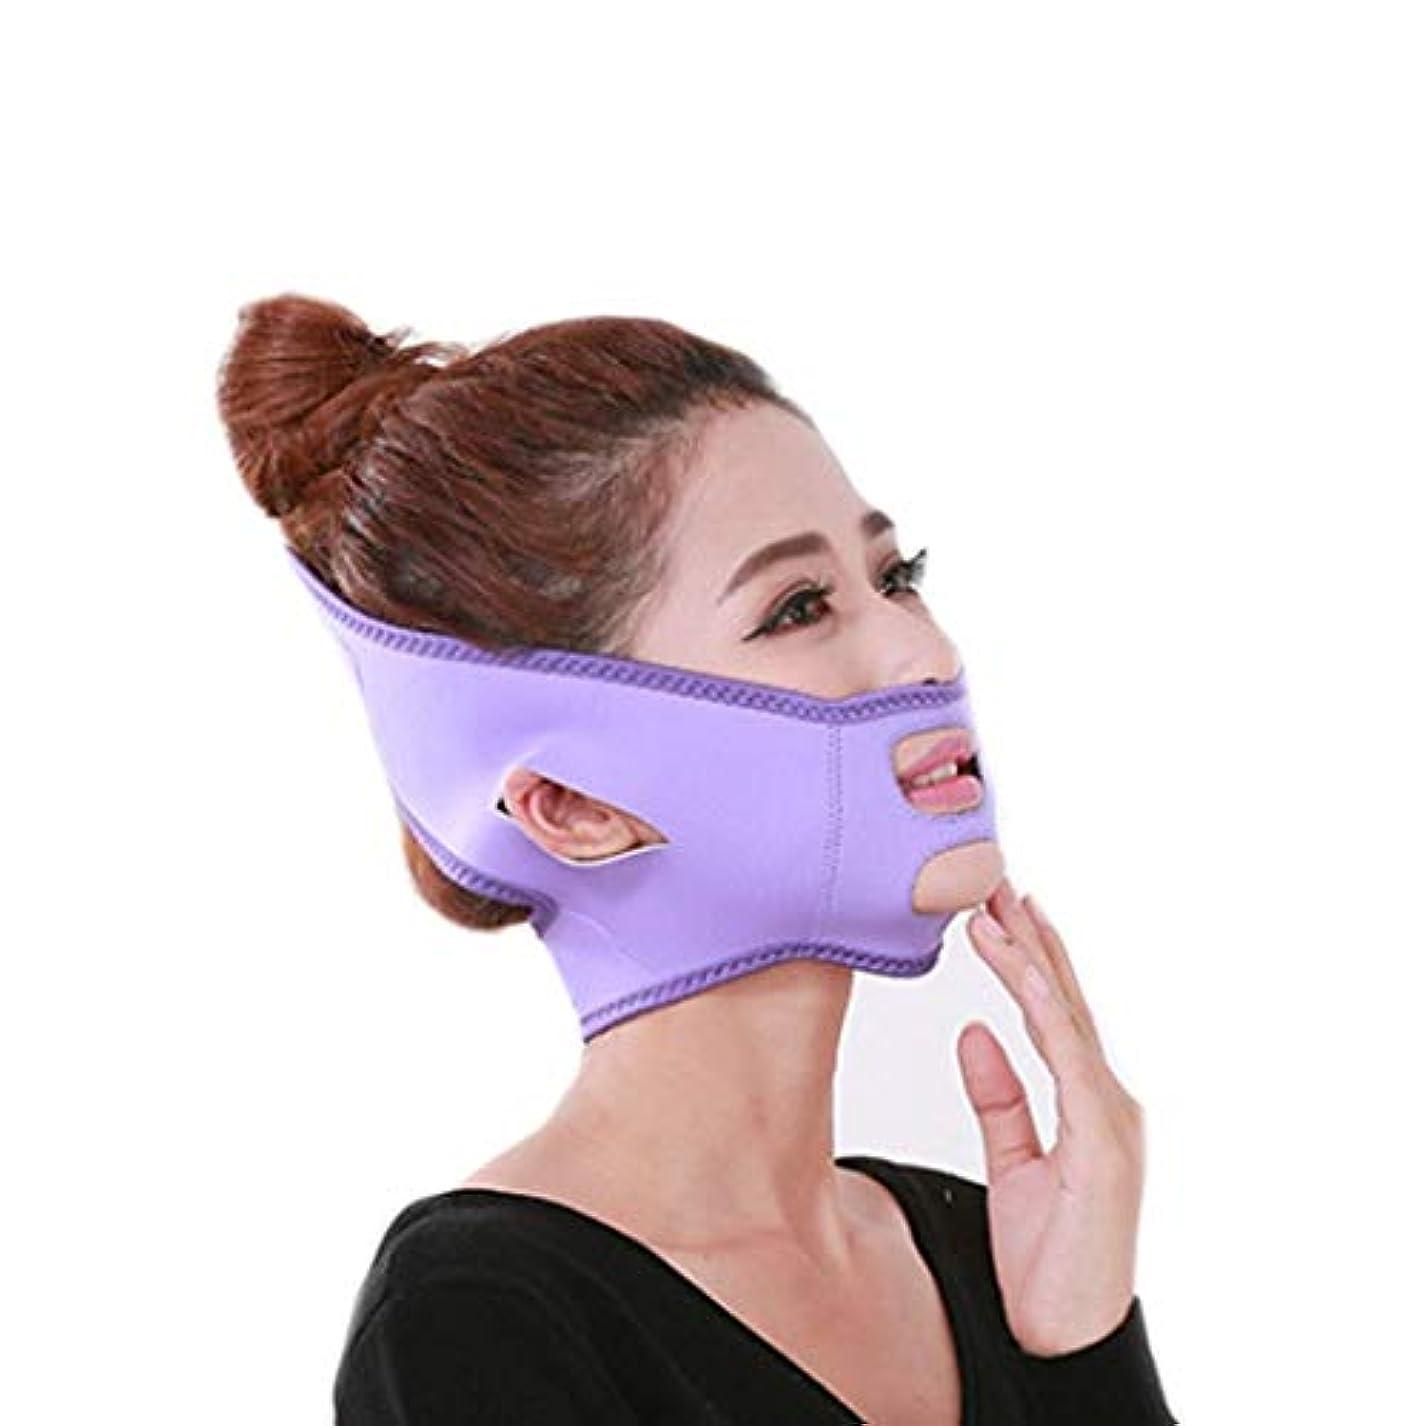 フェイスリフトテープ&バンド、フェイススリミングマスク、ダブルチン、ダブルチンリデューサー、シワ防止マスク、リフティングシェイプ(フリーサイズ)(カラー:ピンク),紫の